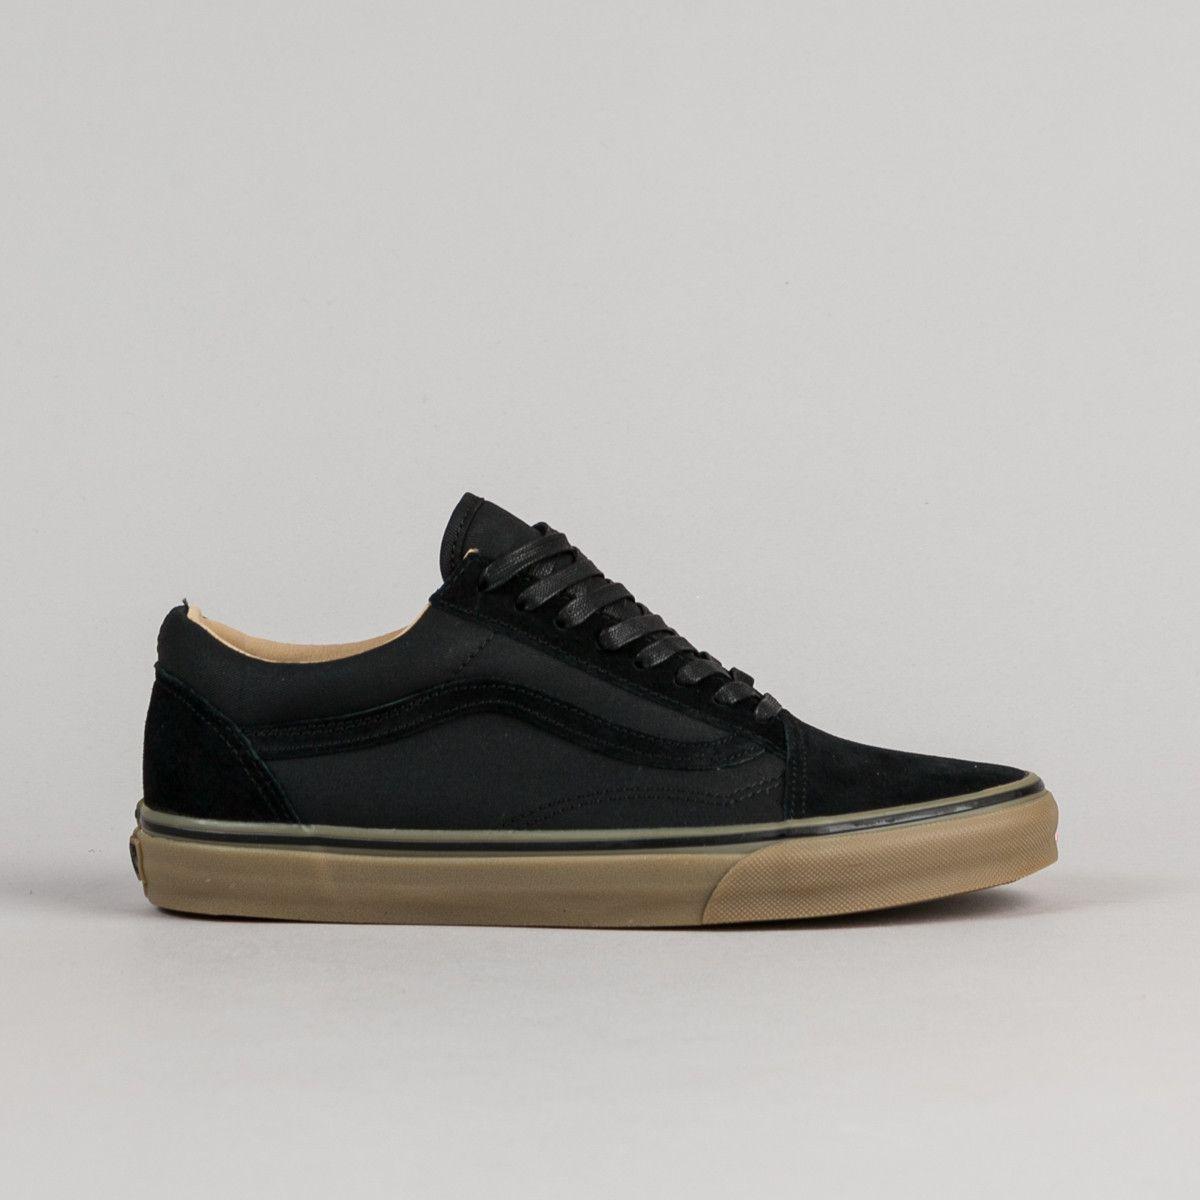 Skool Shoes Vans Black Coated Dx Medium Gum Old Reissue F3TlKJc1